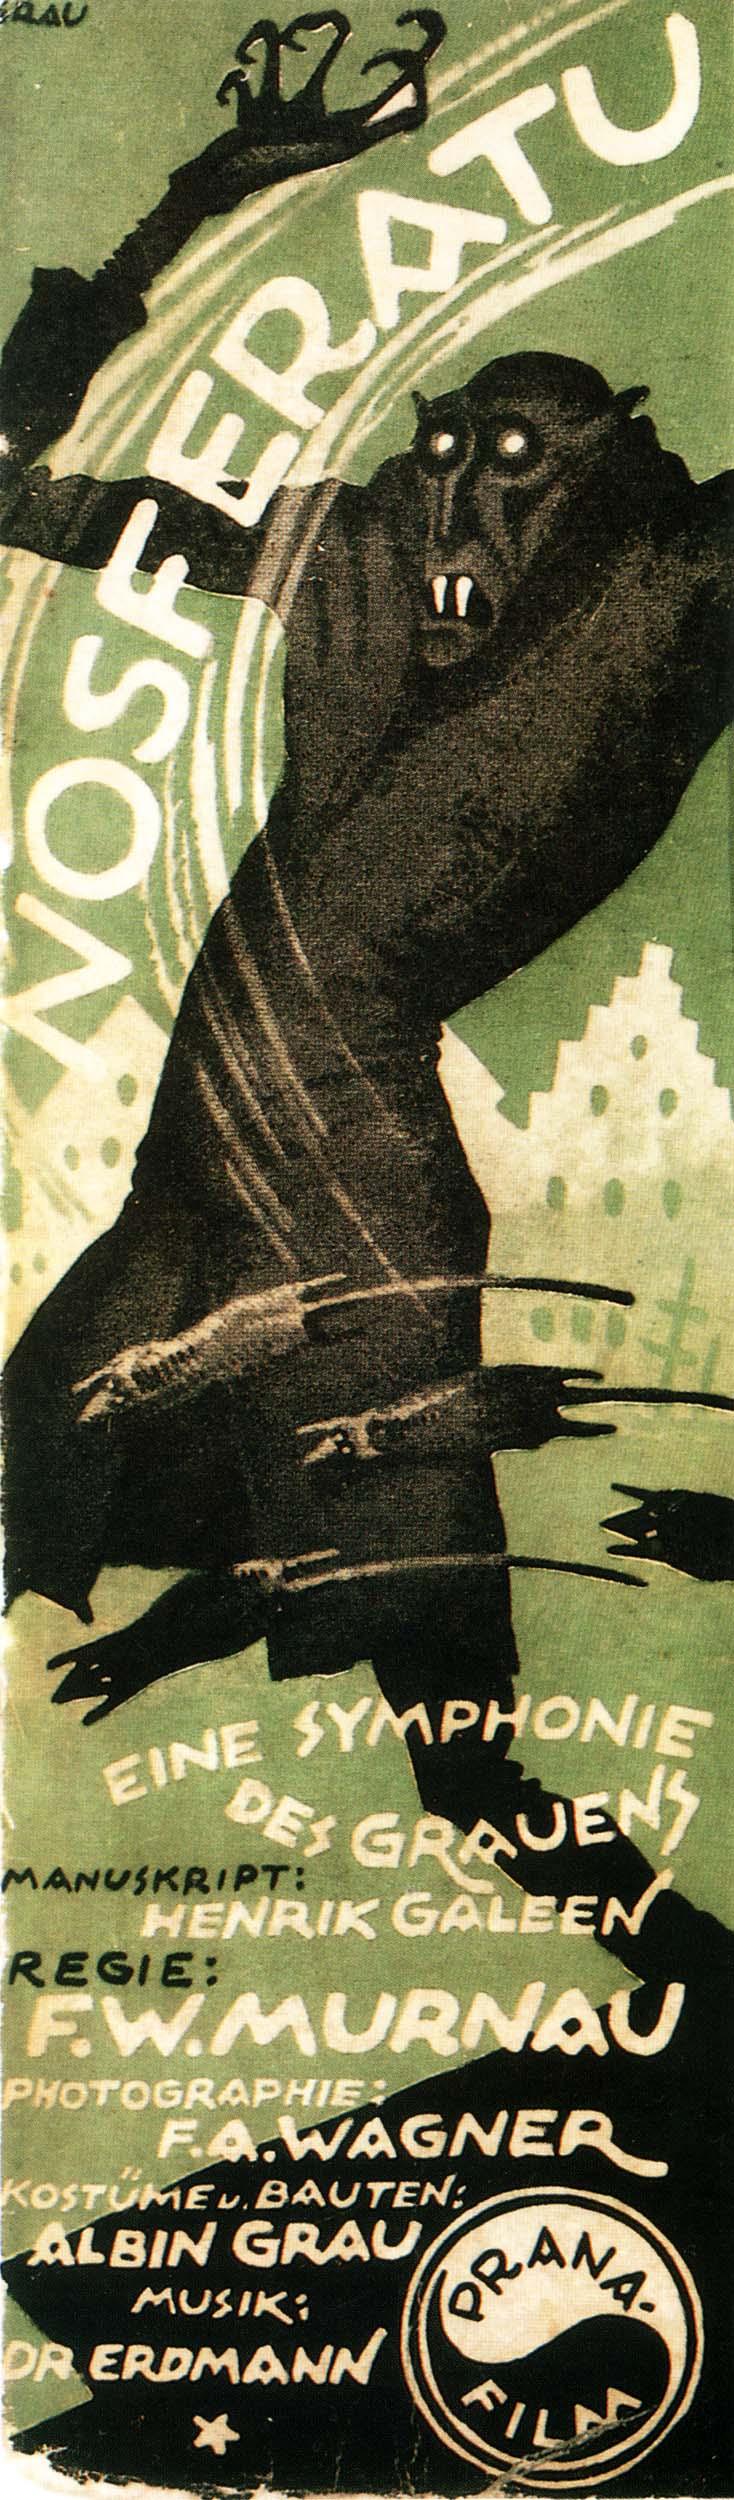 Nosferatu (1922) insert poster by Albin Grau